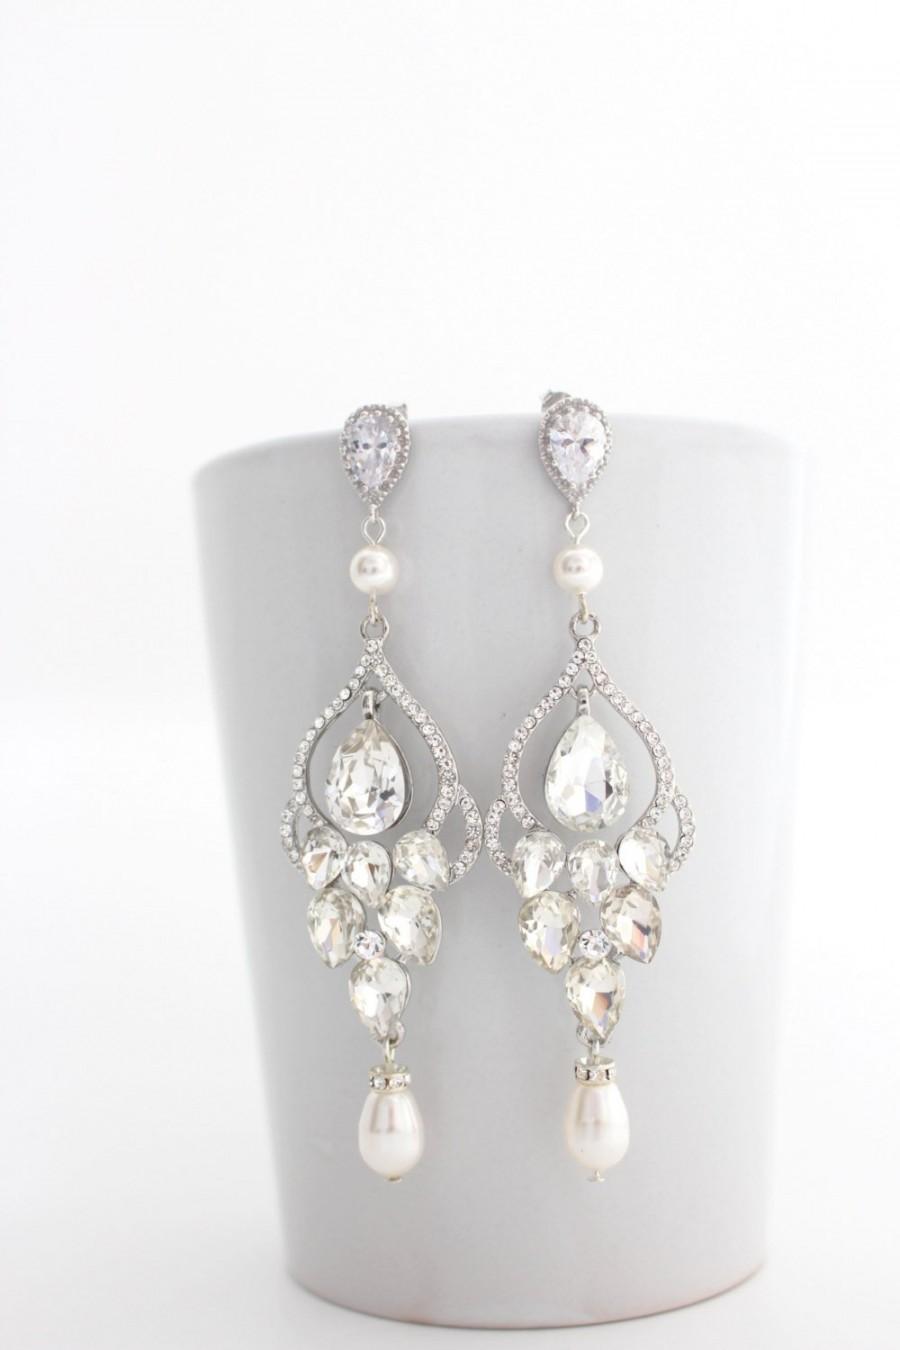 Hochzeit - Bridal Earrings Chandelier, Wedding Statement Earrings, Art Deco Wedding Earrings, Pearl Chandelier Earrings, Bridal Chandelier Earrings